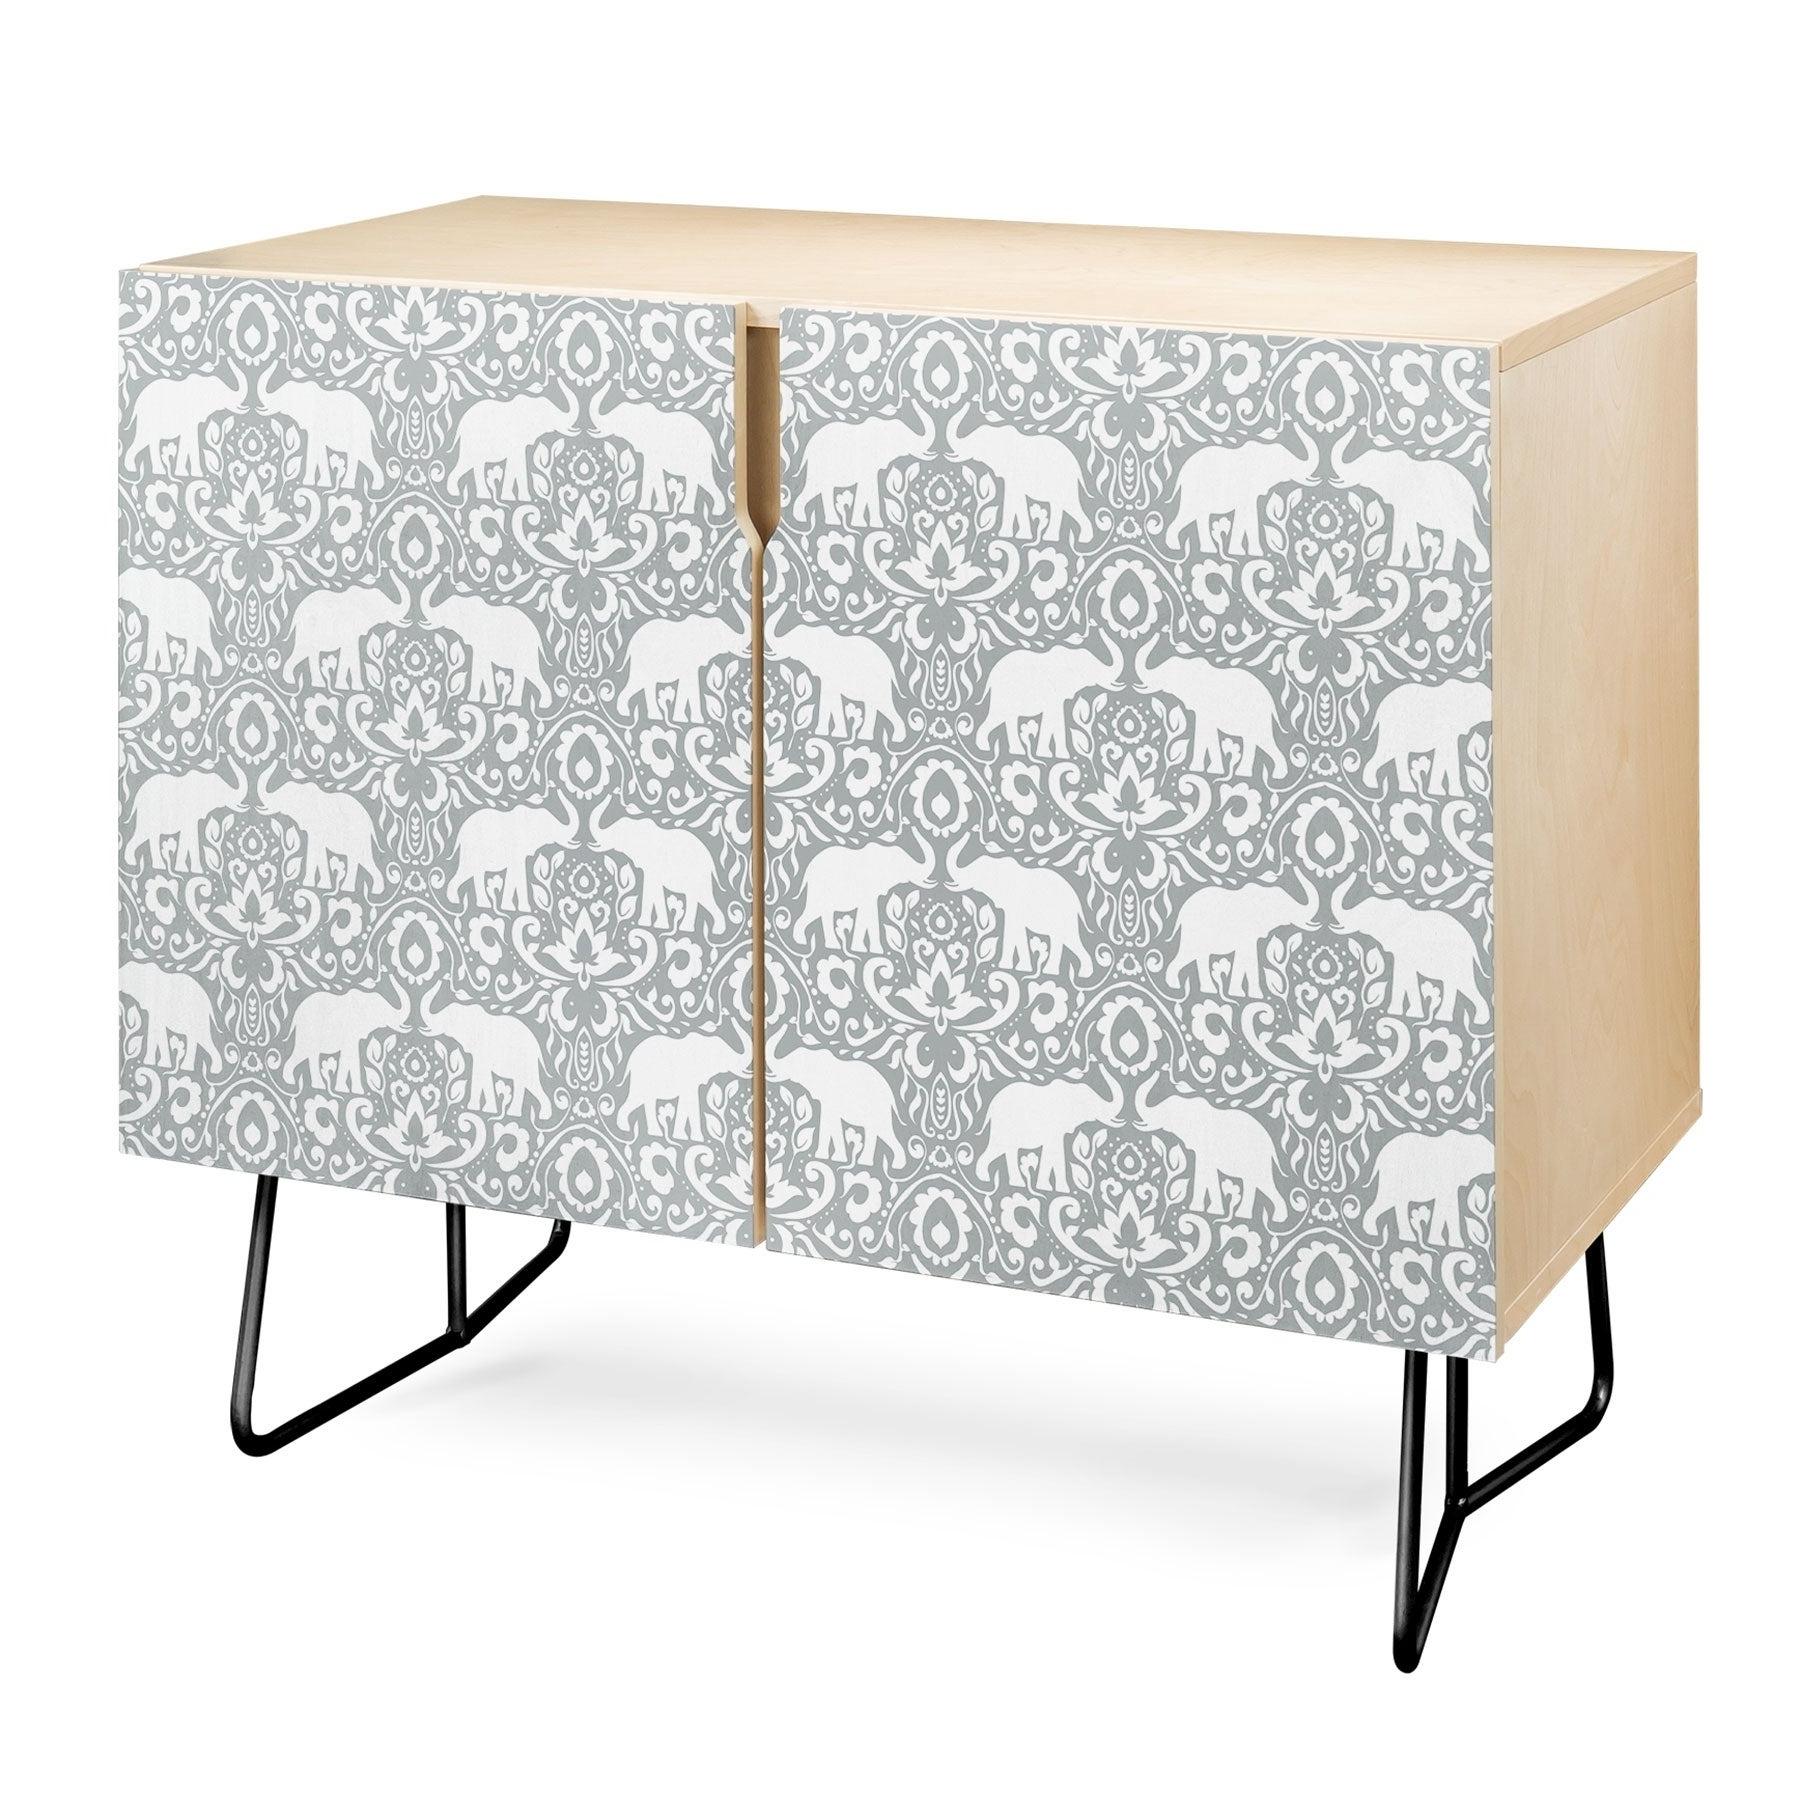 Deny Designs Elephant Damask Paloma Credenza (Birch Or Walnut, 2 Leg Options) Pertaining To Elephant Damask Paloma Credenzas (View 3 of 20)